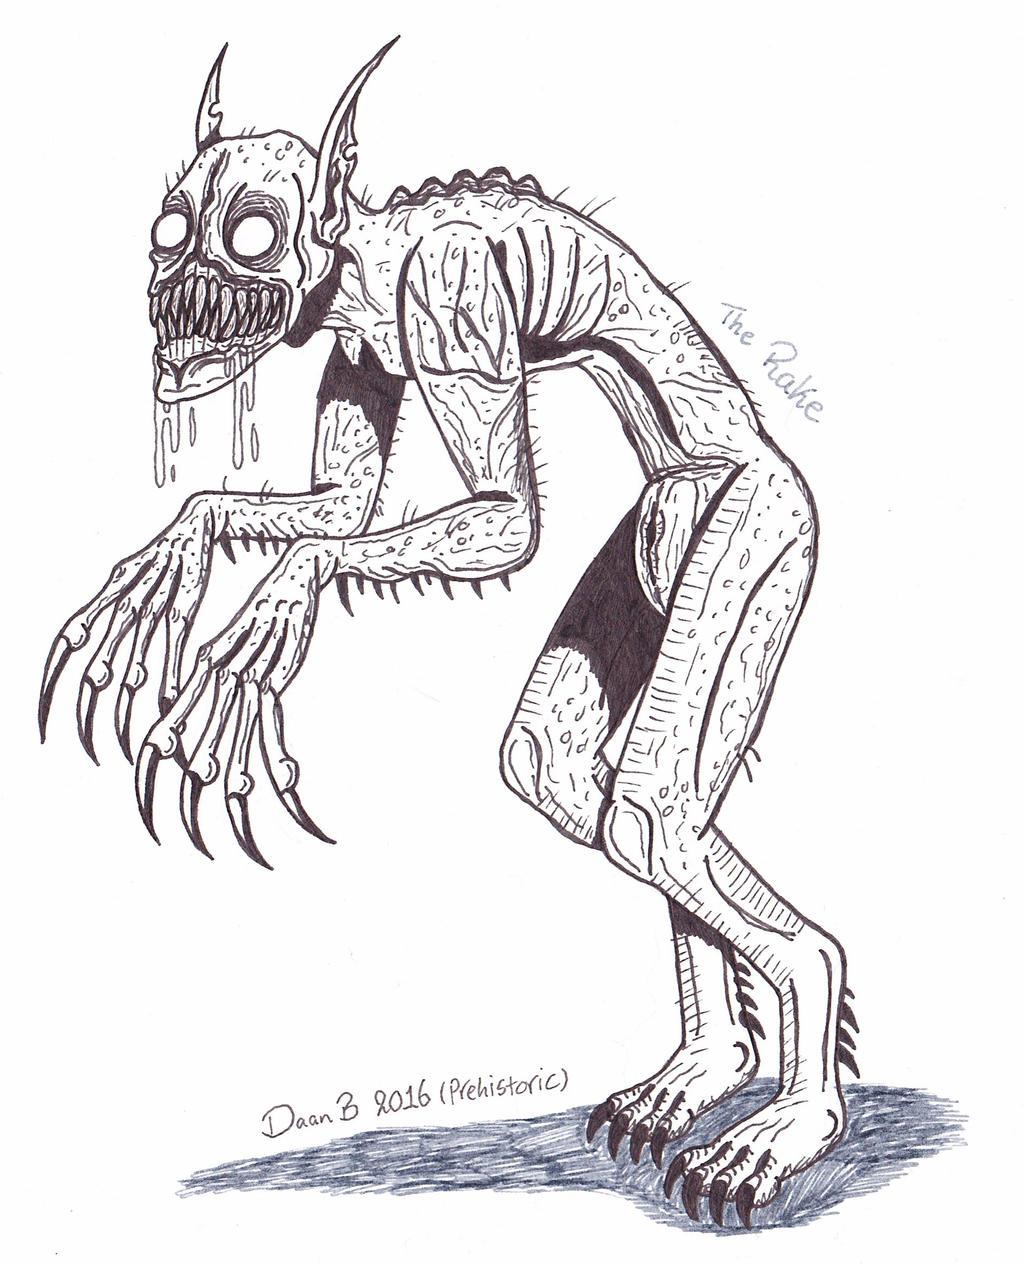 The Rake (creepypasta) by XenoTeeth3